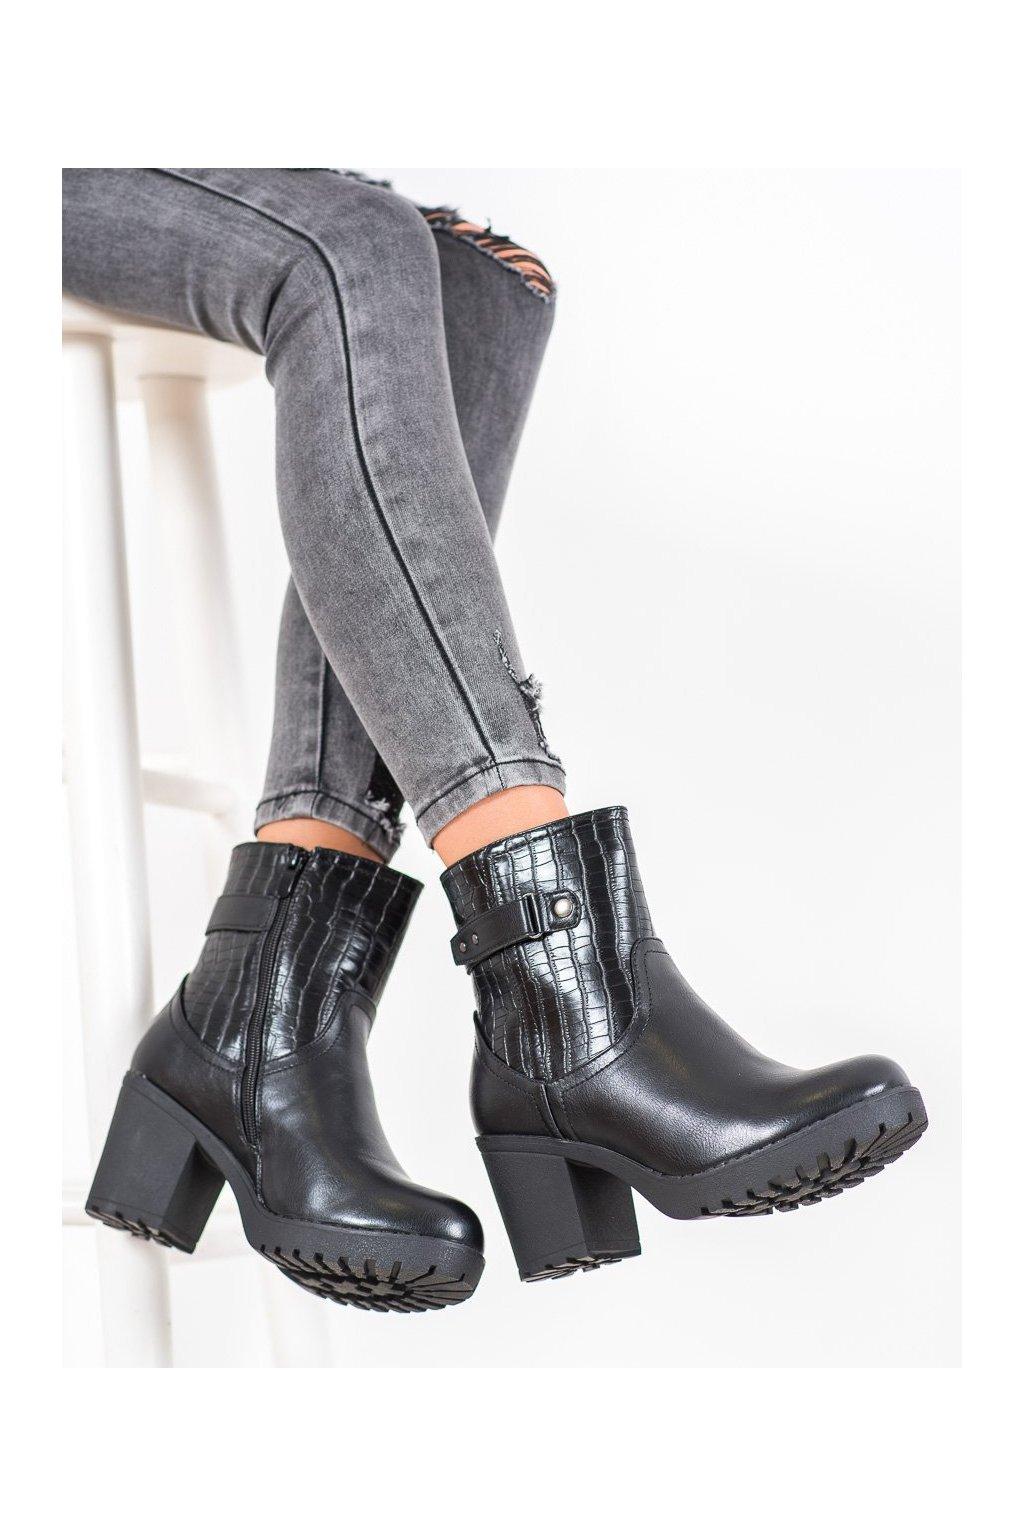 Čierne dámske topánky J. star NJSK A8111/B-B